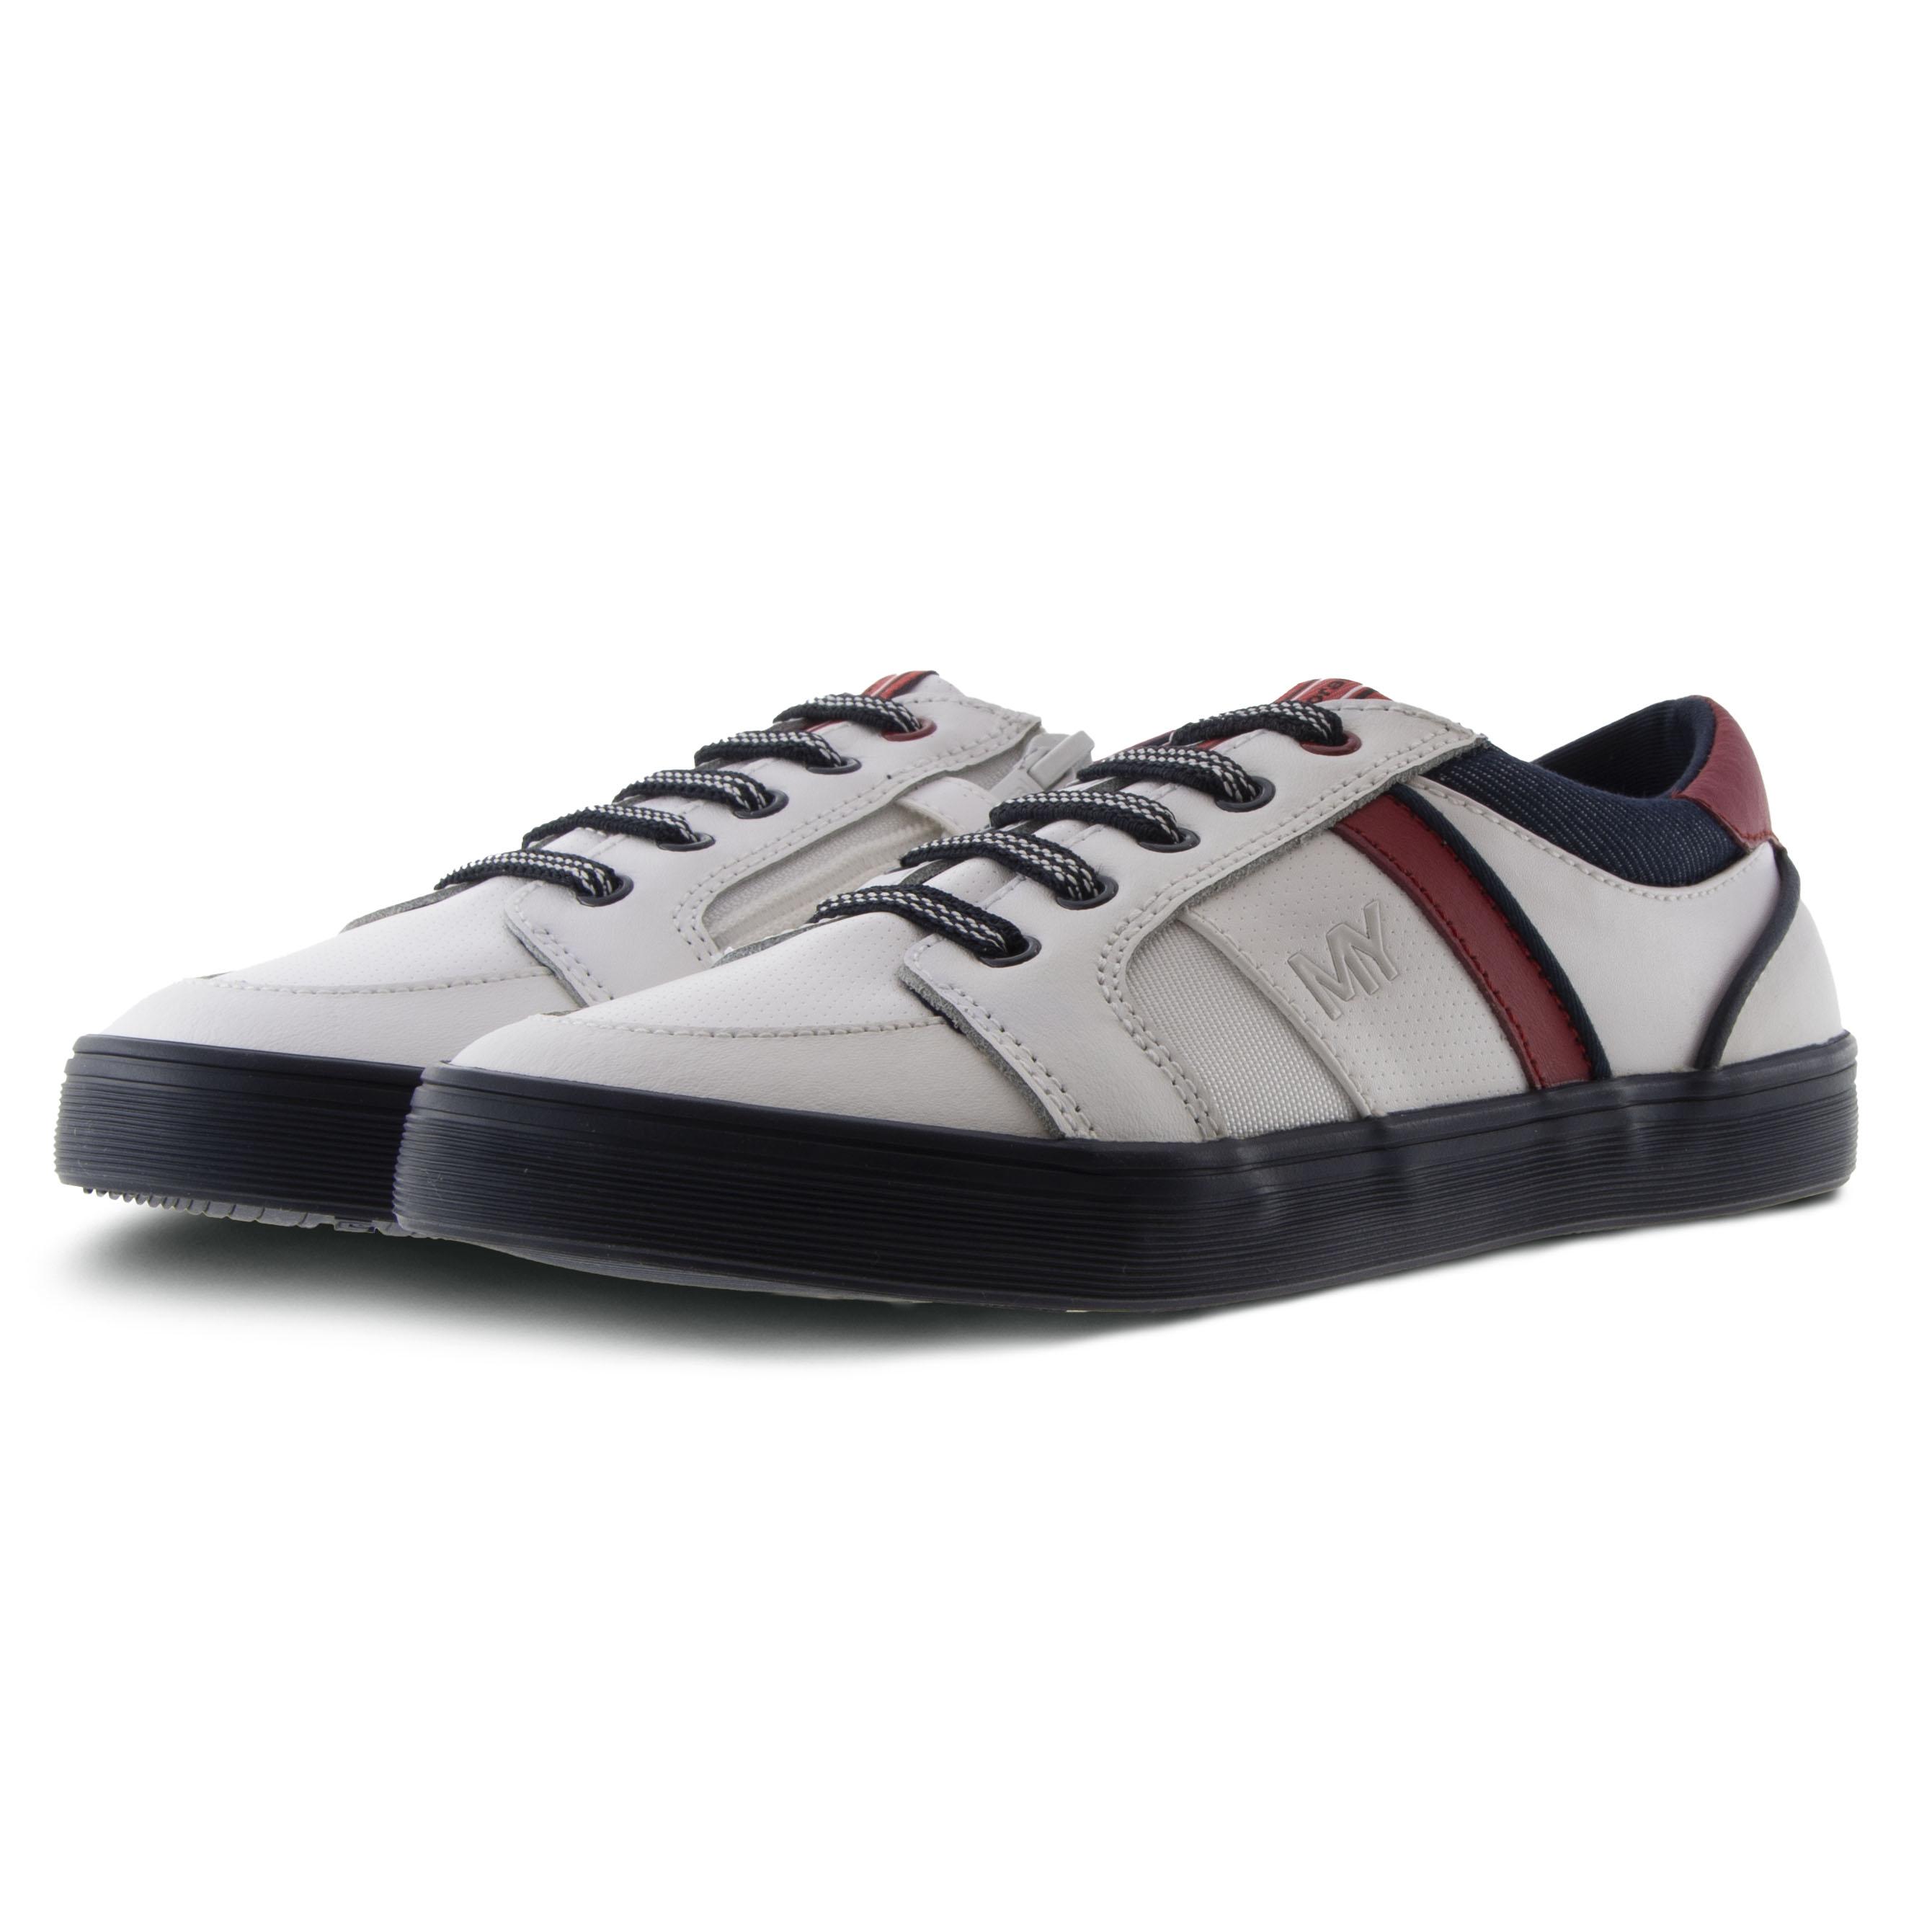 Αγόρι παπούτσι casual τρίχρωμο αγόρι  Mayoral 20-47201-090